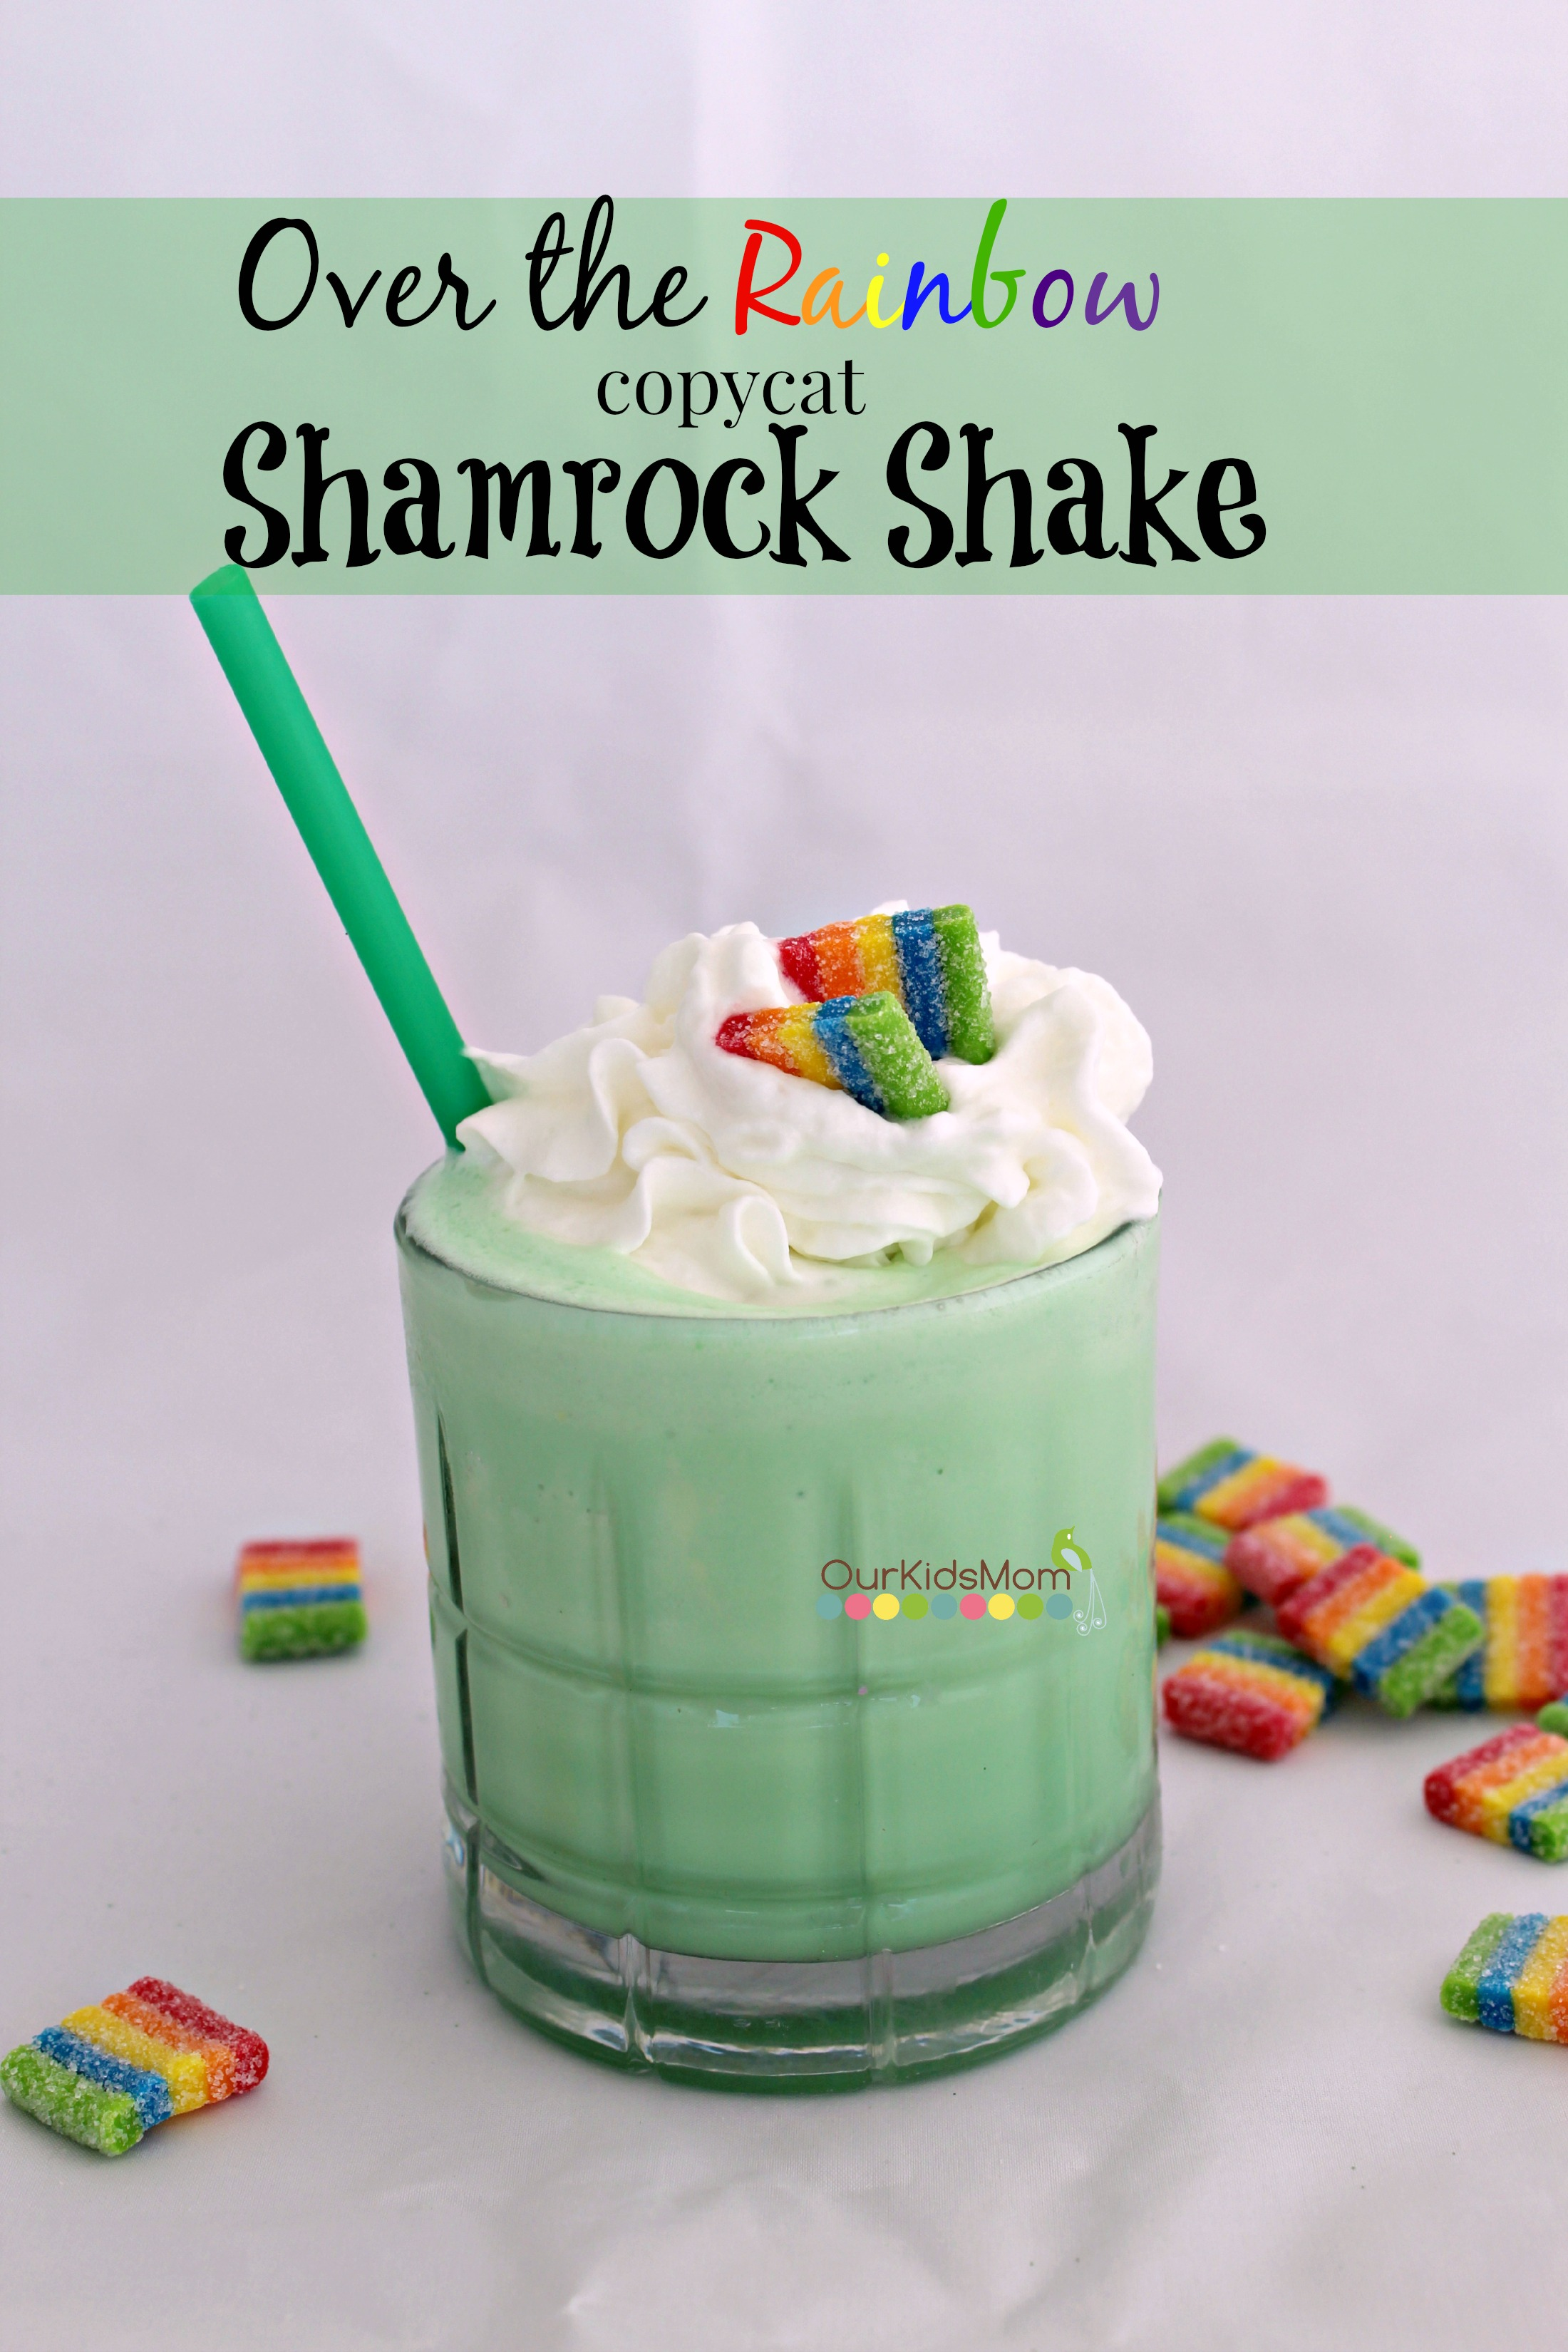 shamrockshake